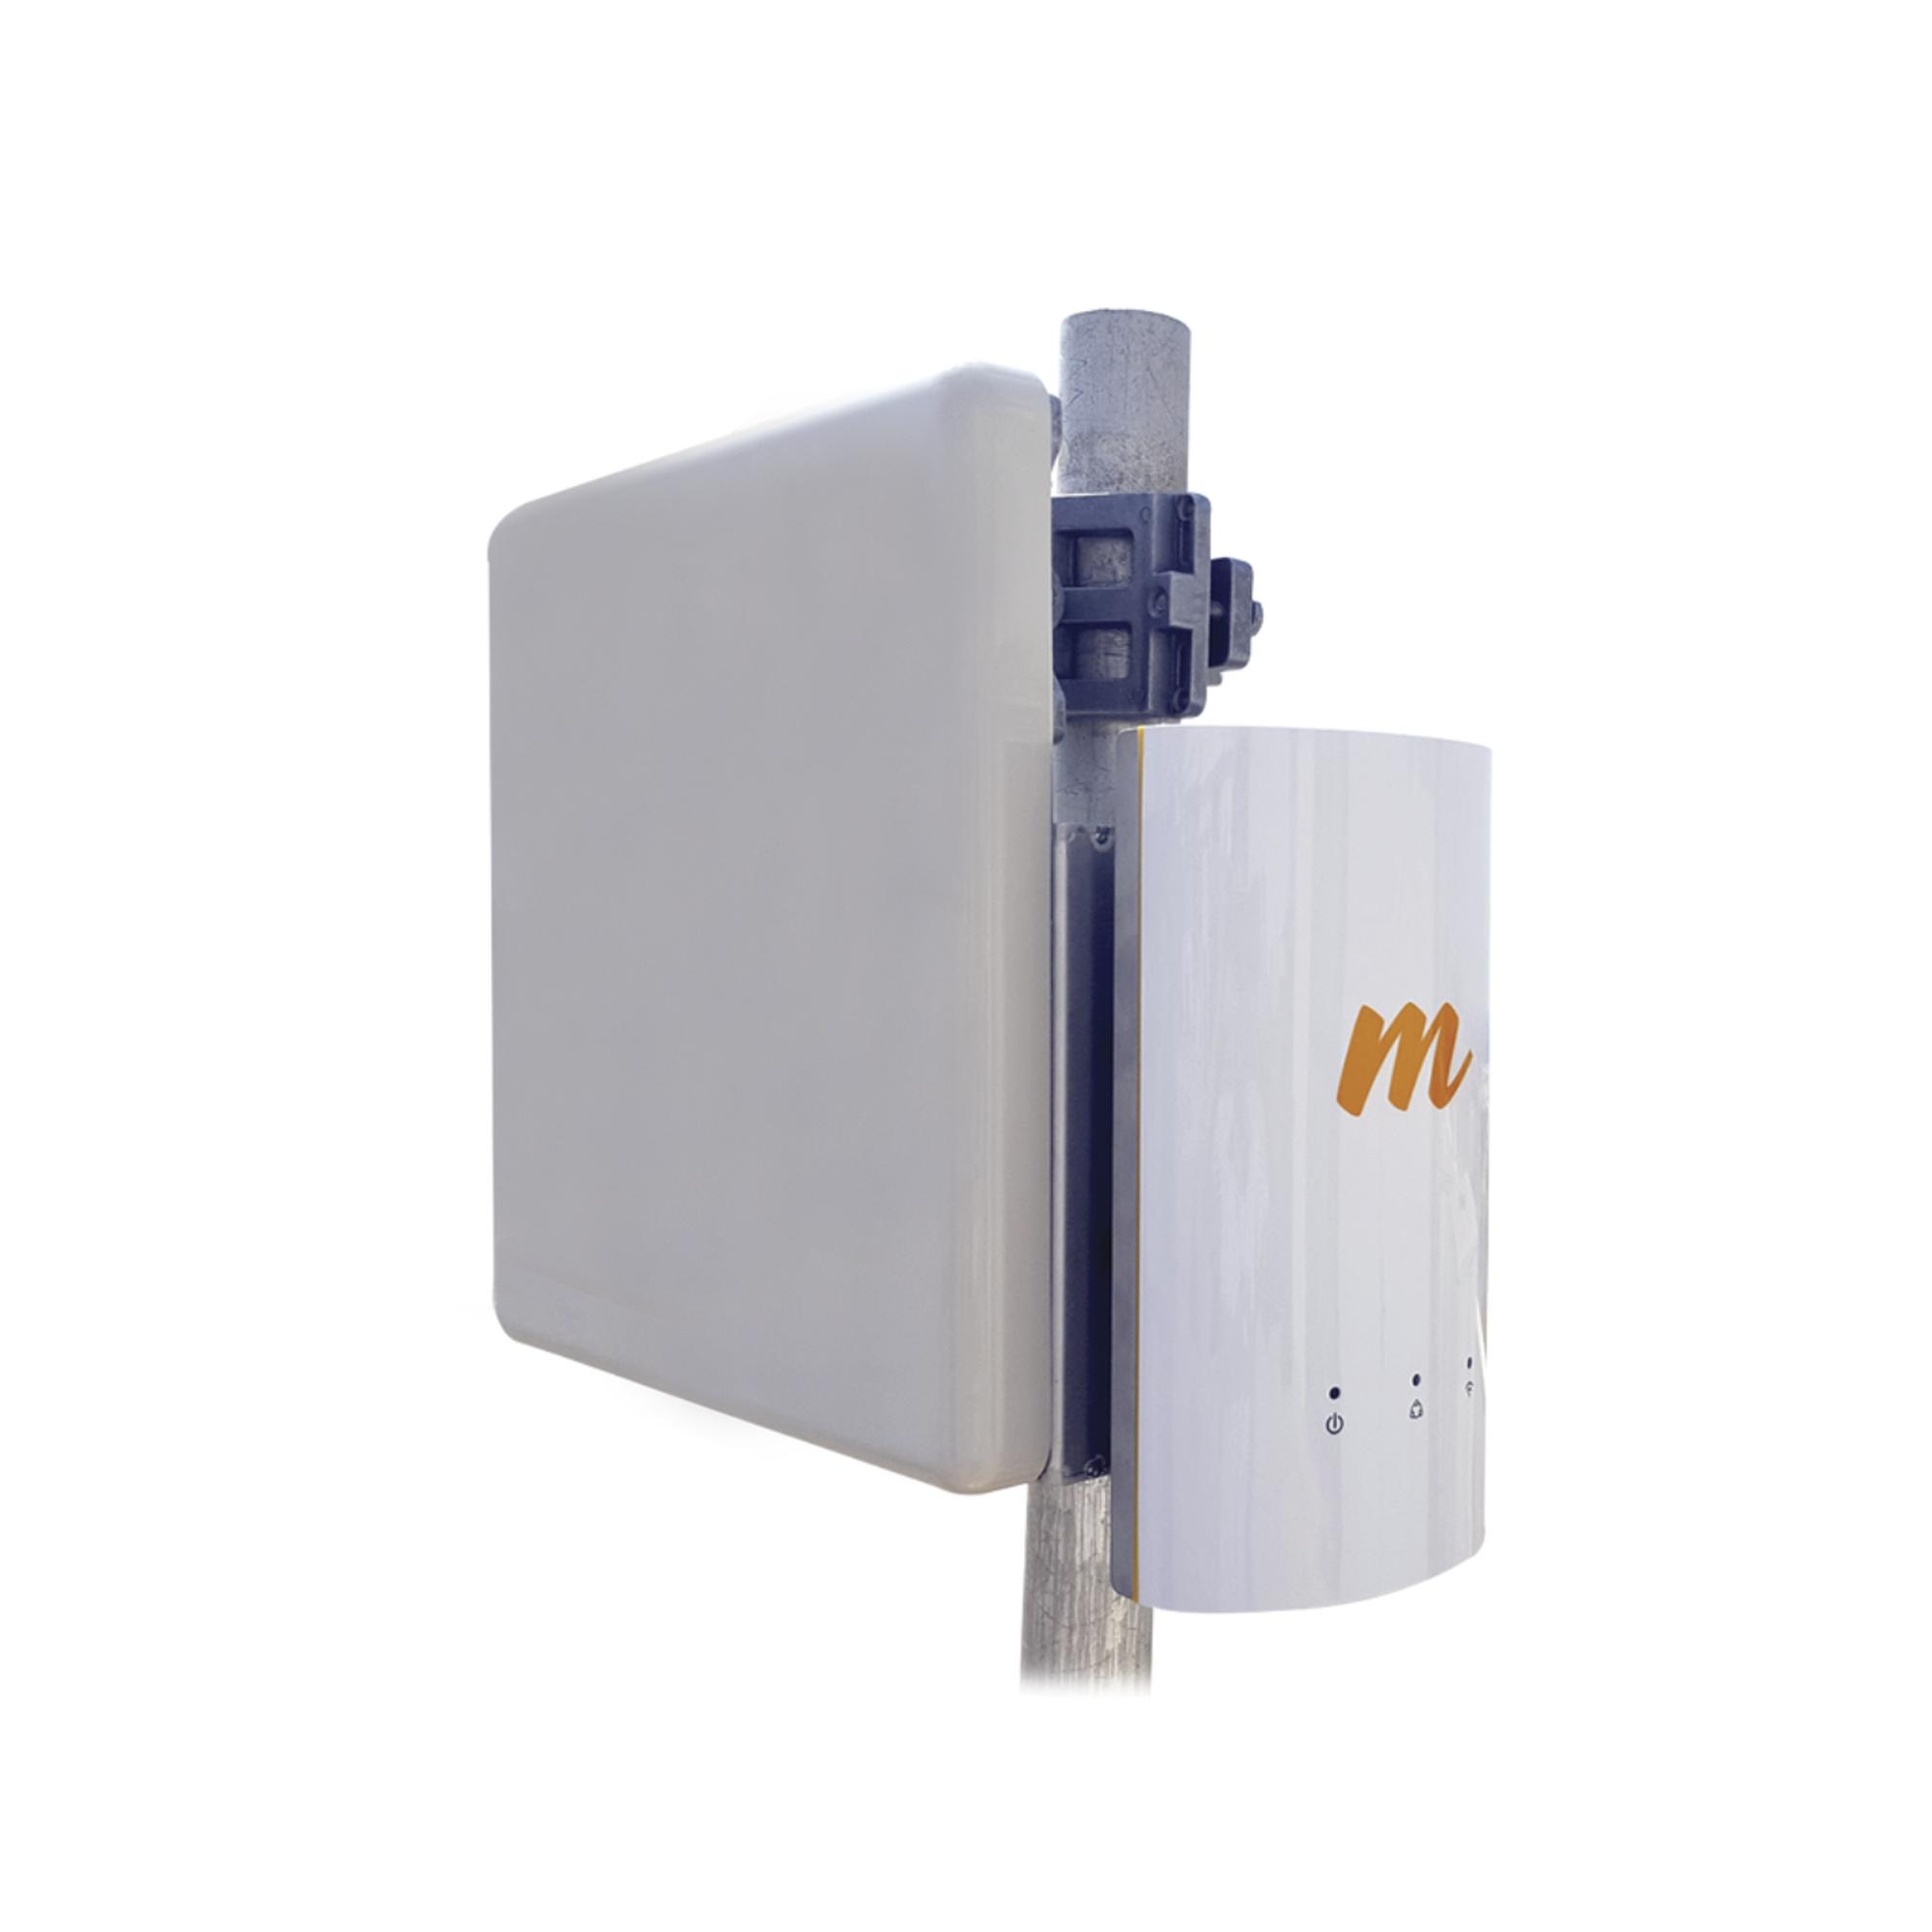 Kit de Radio A5c con antena tipo panel de 19 dBi y 60? de apertura, 1.5 Gbps, Frecuencia de 4.9 a 6 GHz, ideal para distancias de hasta 6 km, Jumpers incluidos